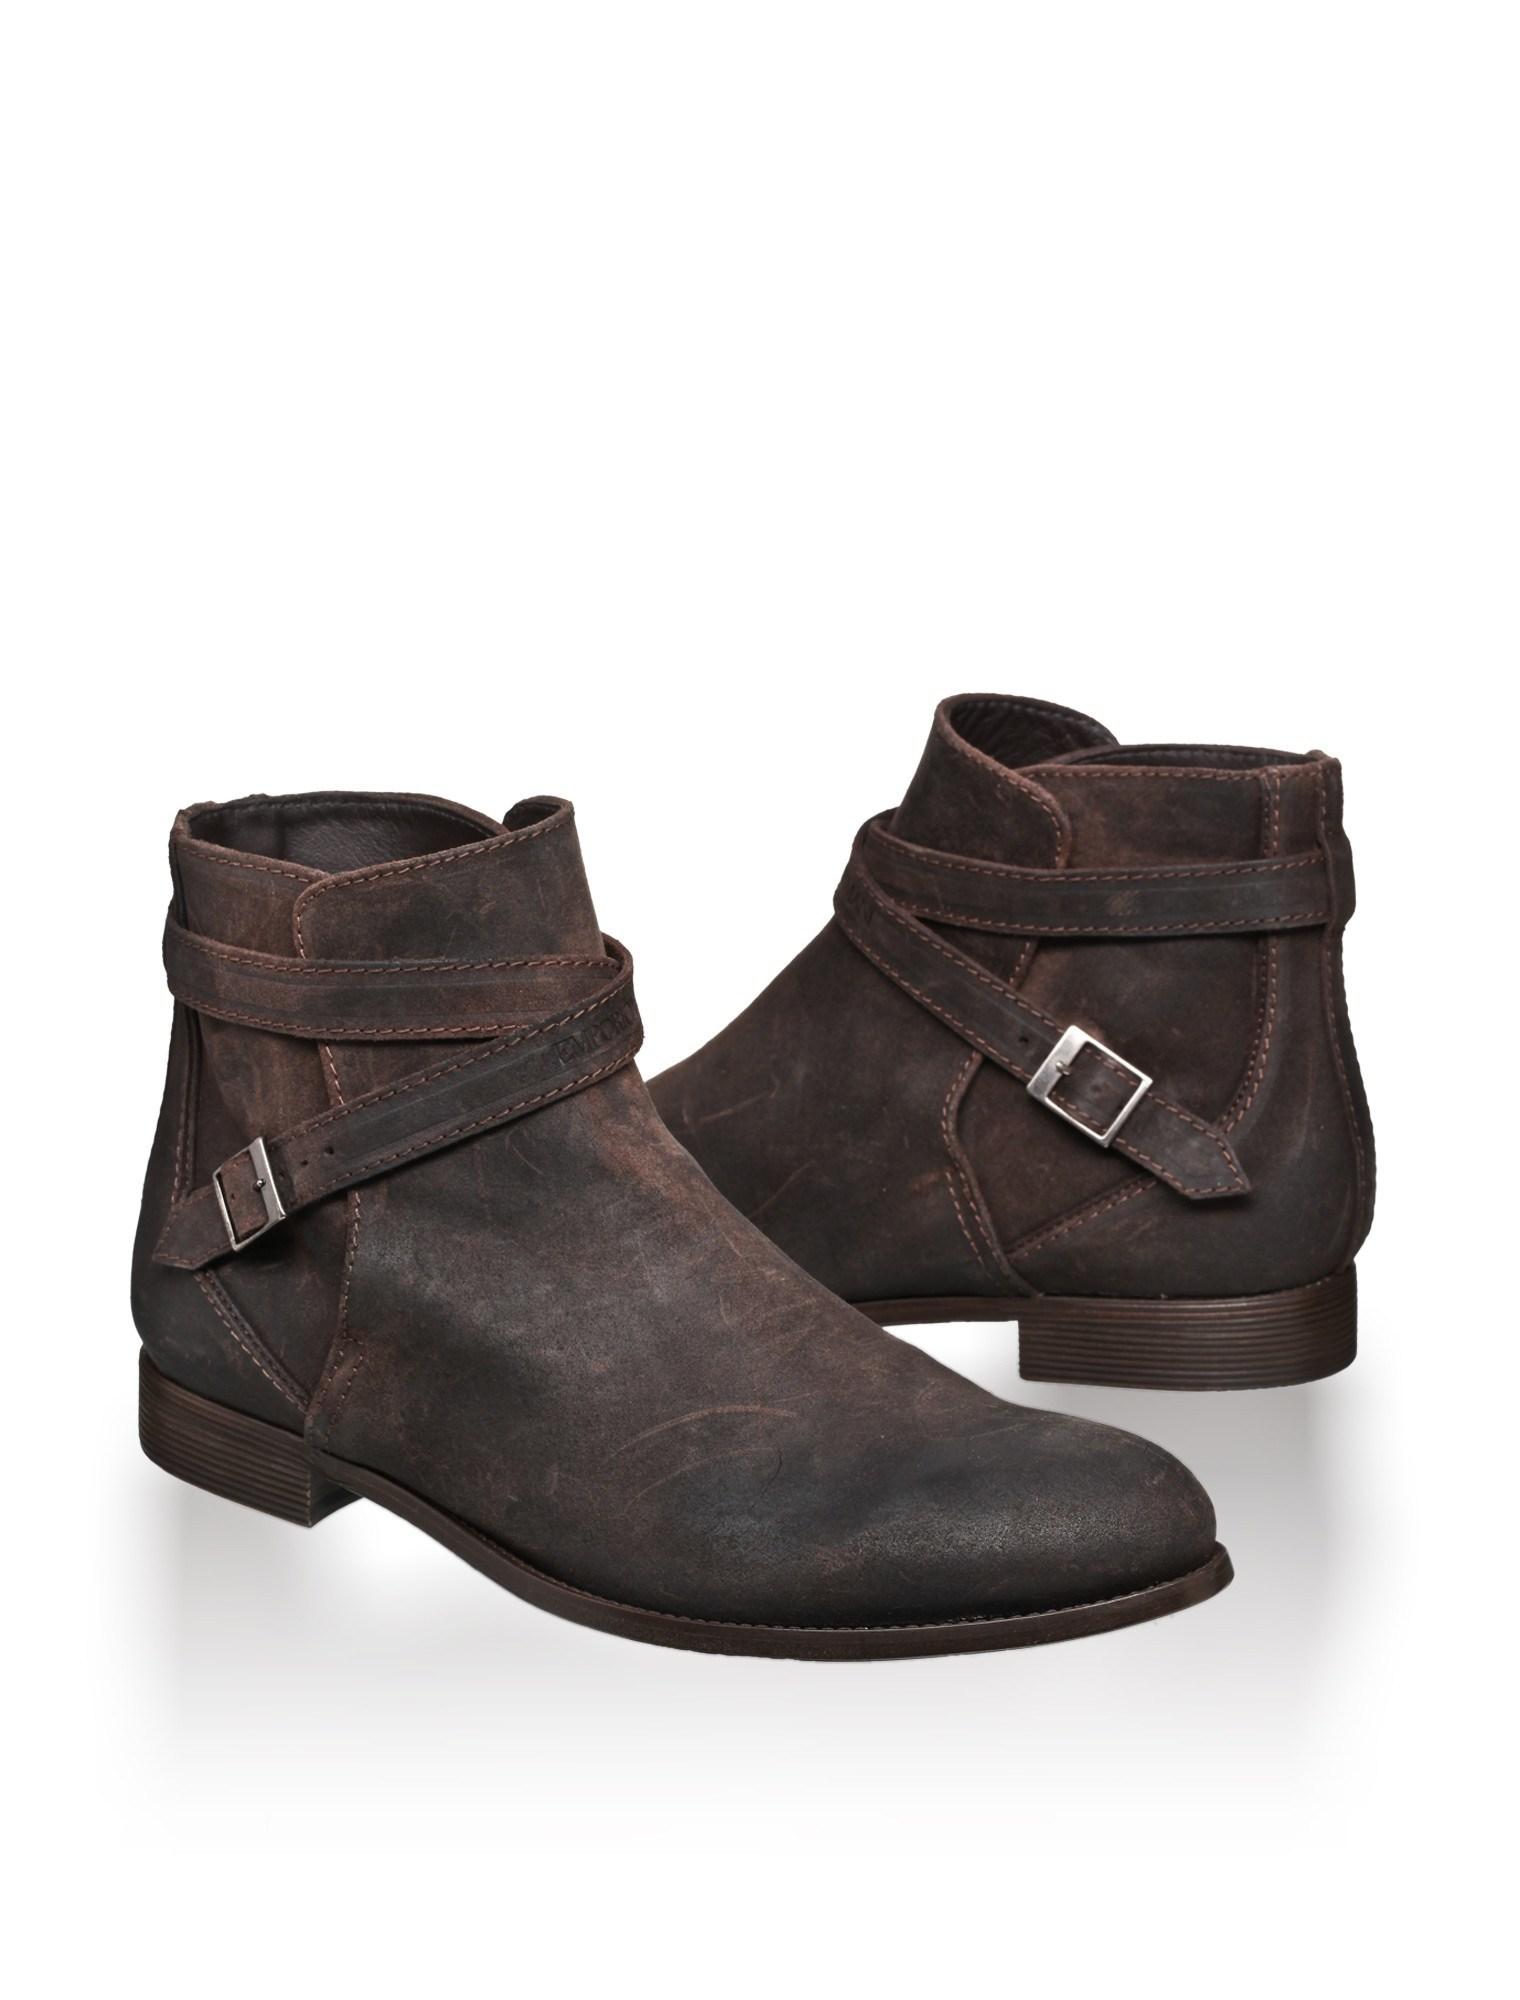 emporio armani boots